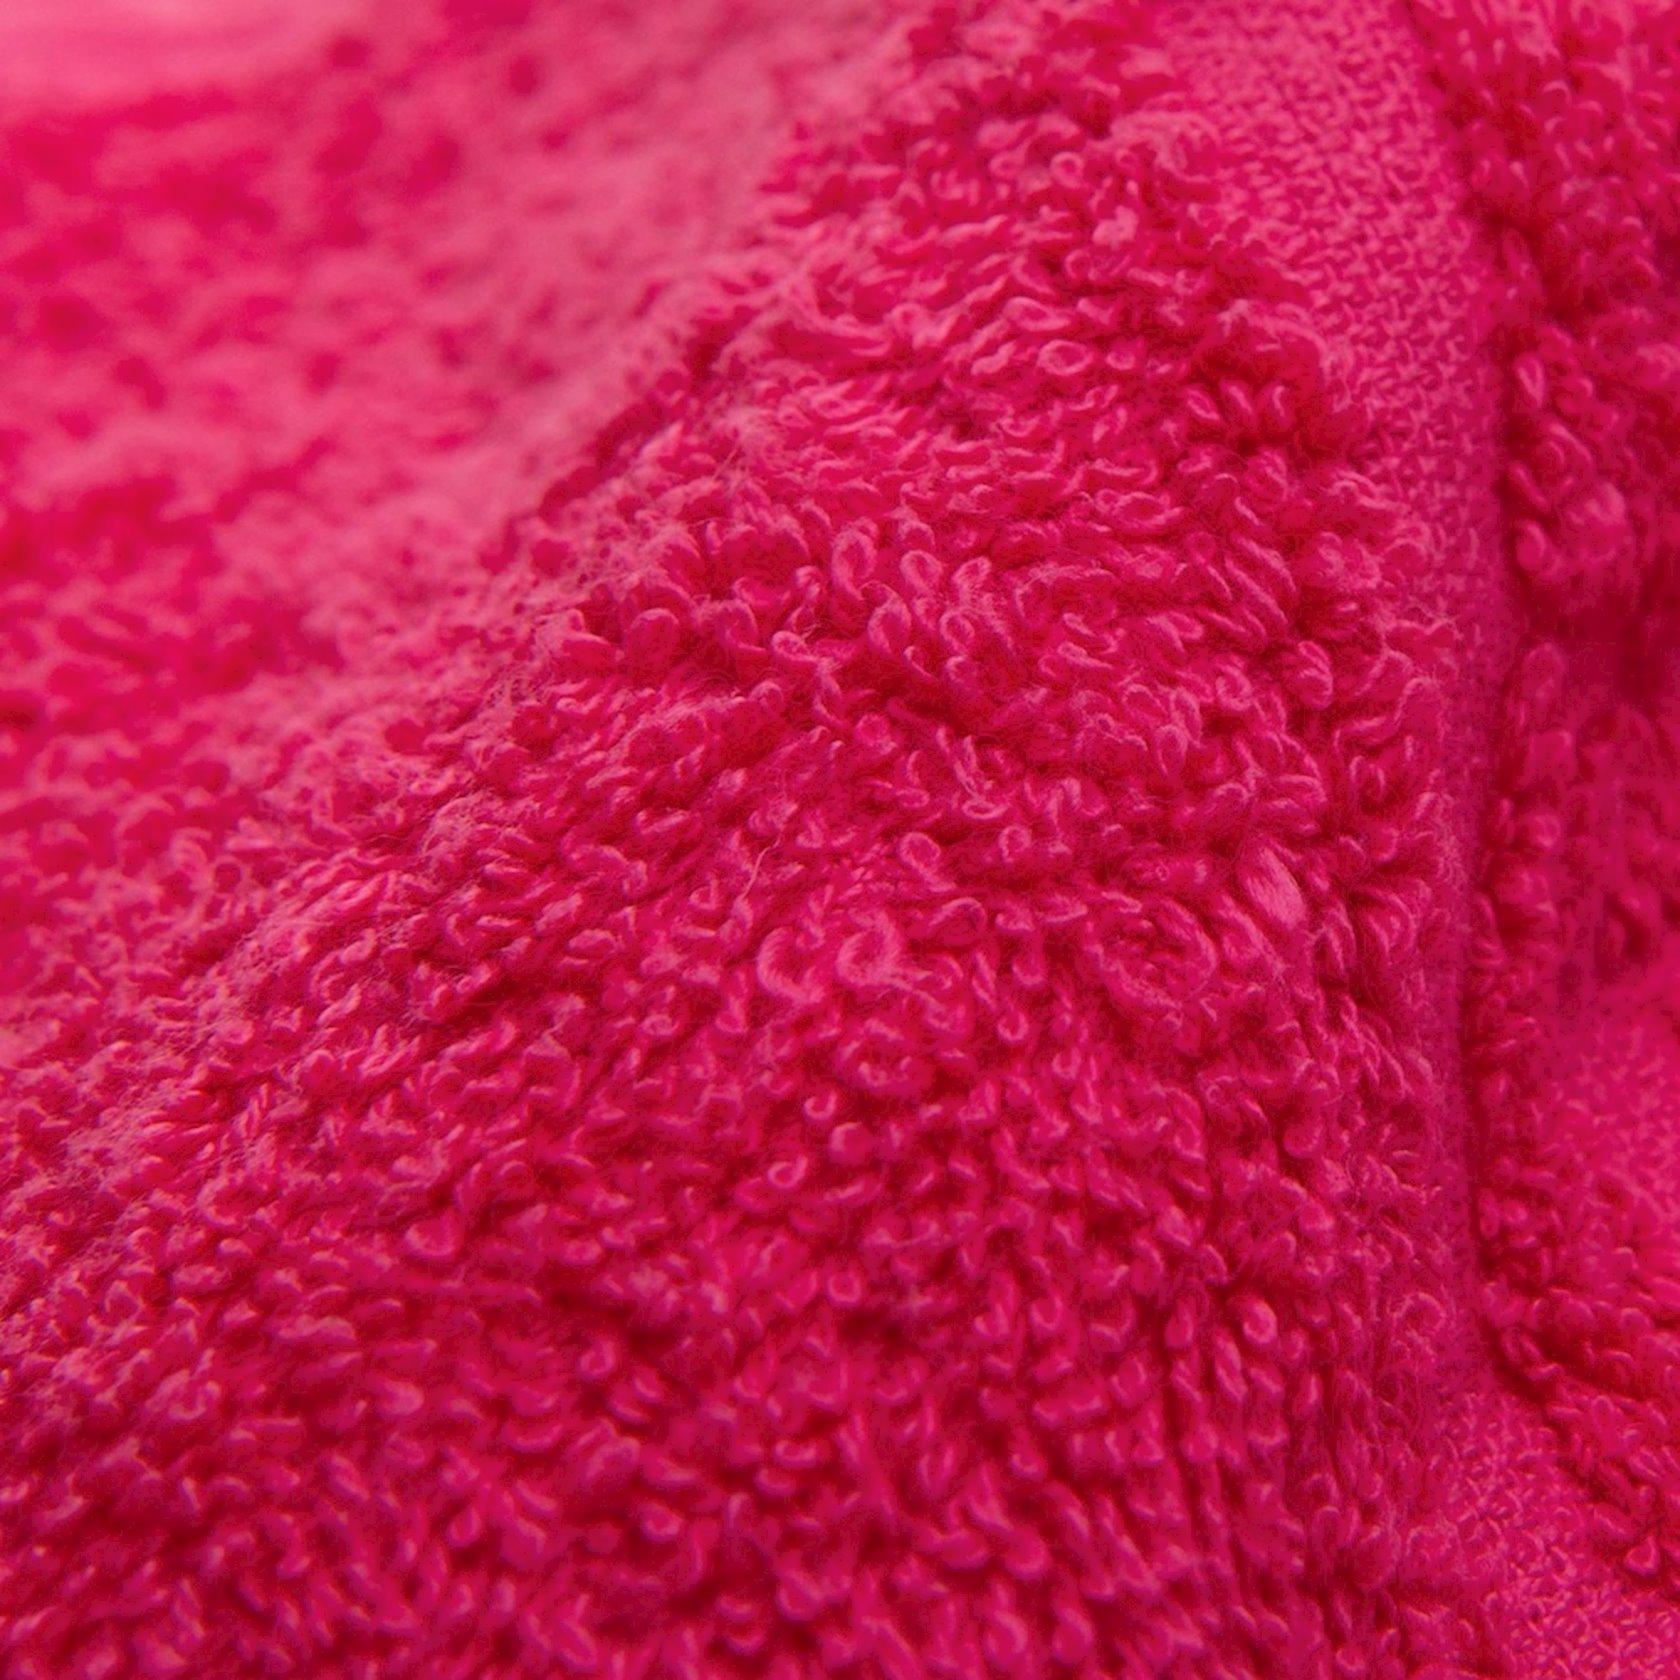 Hamam dəsmalı ADT Rasberry Sorbet 70x140, sıxlıq 500 qr/m²